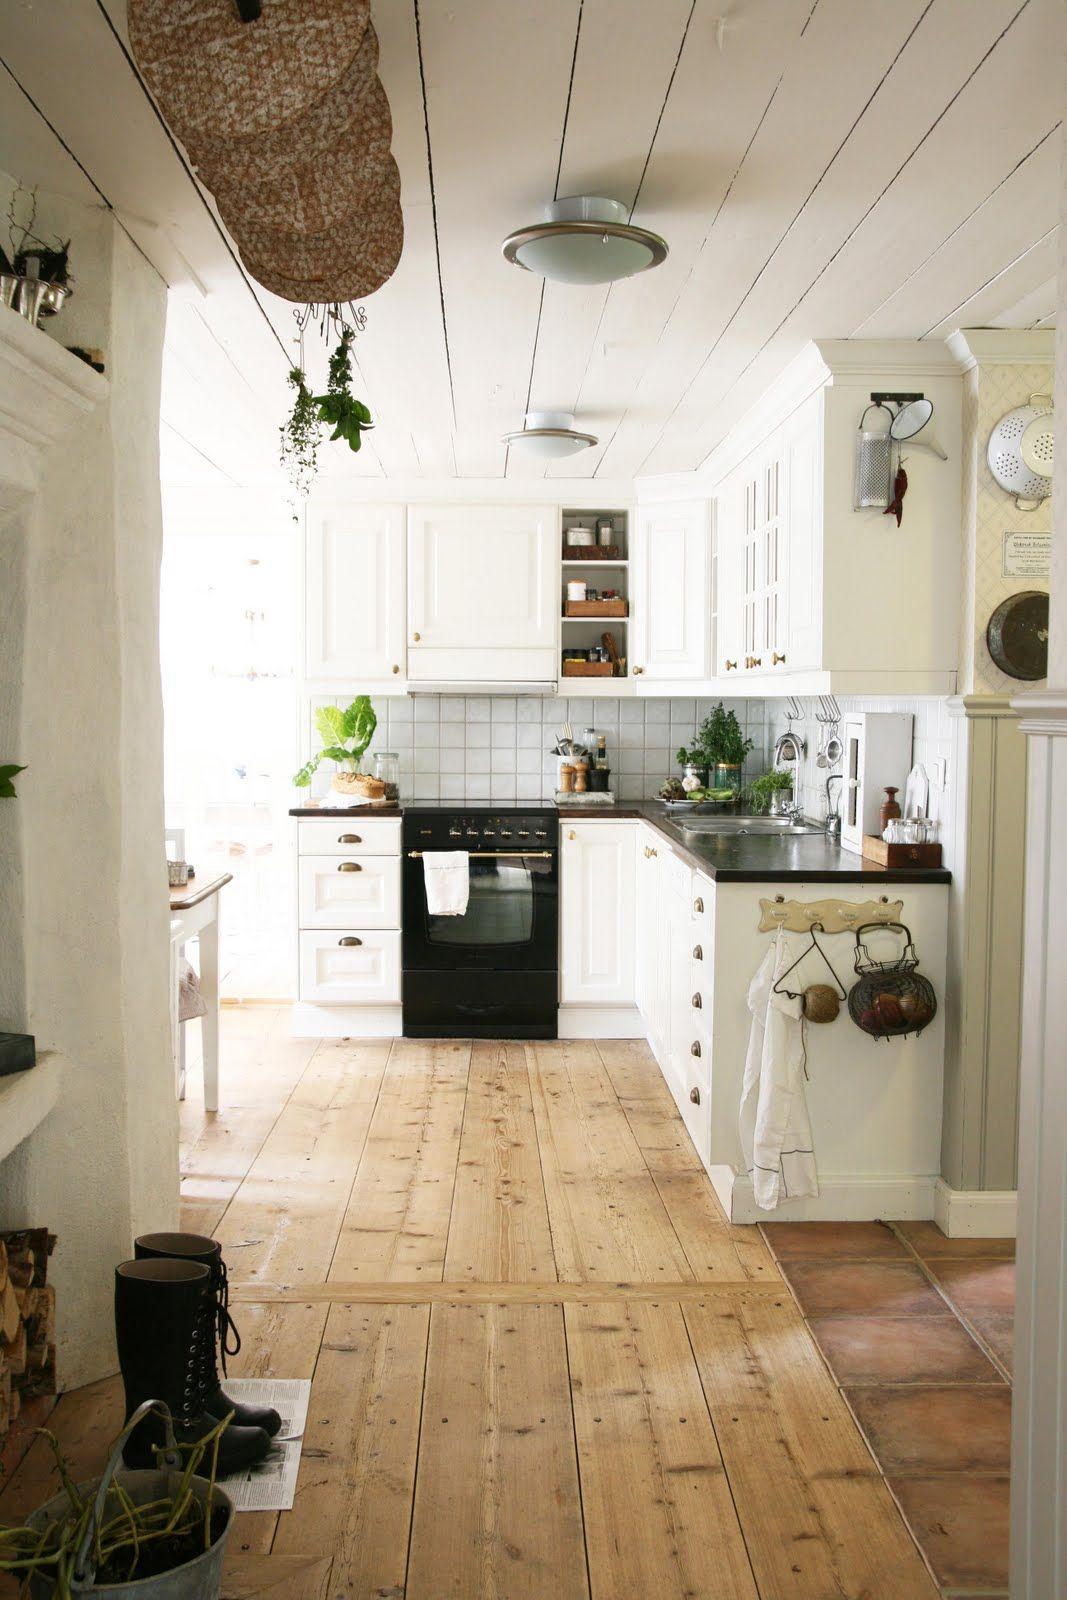 Pin von Anna Watkins auf Dream Home | Pinterest | Innenarchitektur ...